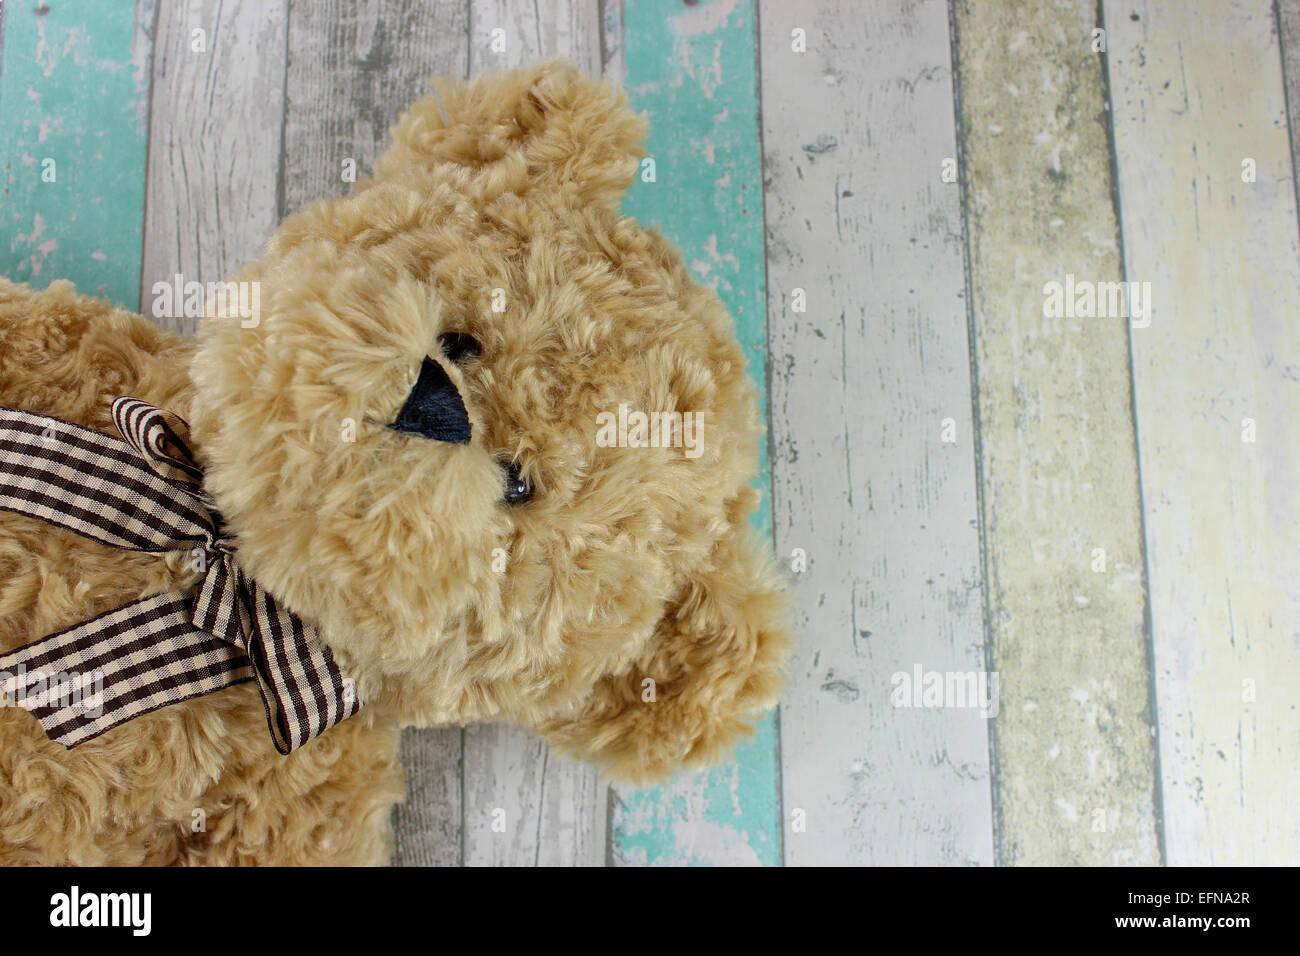 Simpatico orsacchiotto su un legno invecchiato sfondo. Immagini Stock